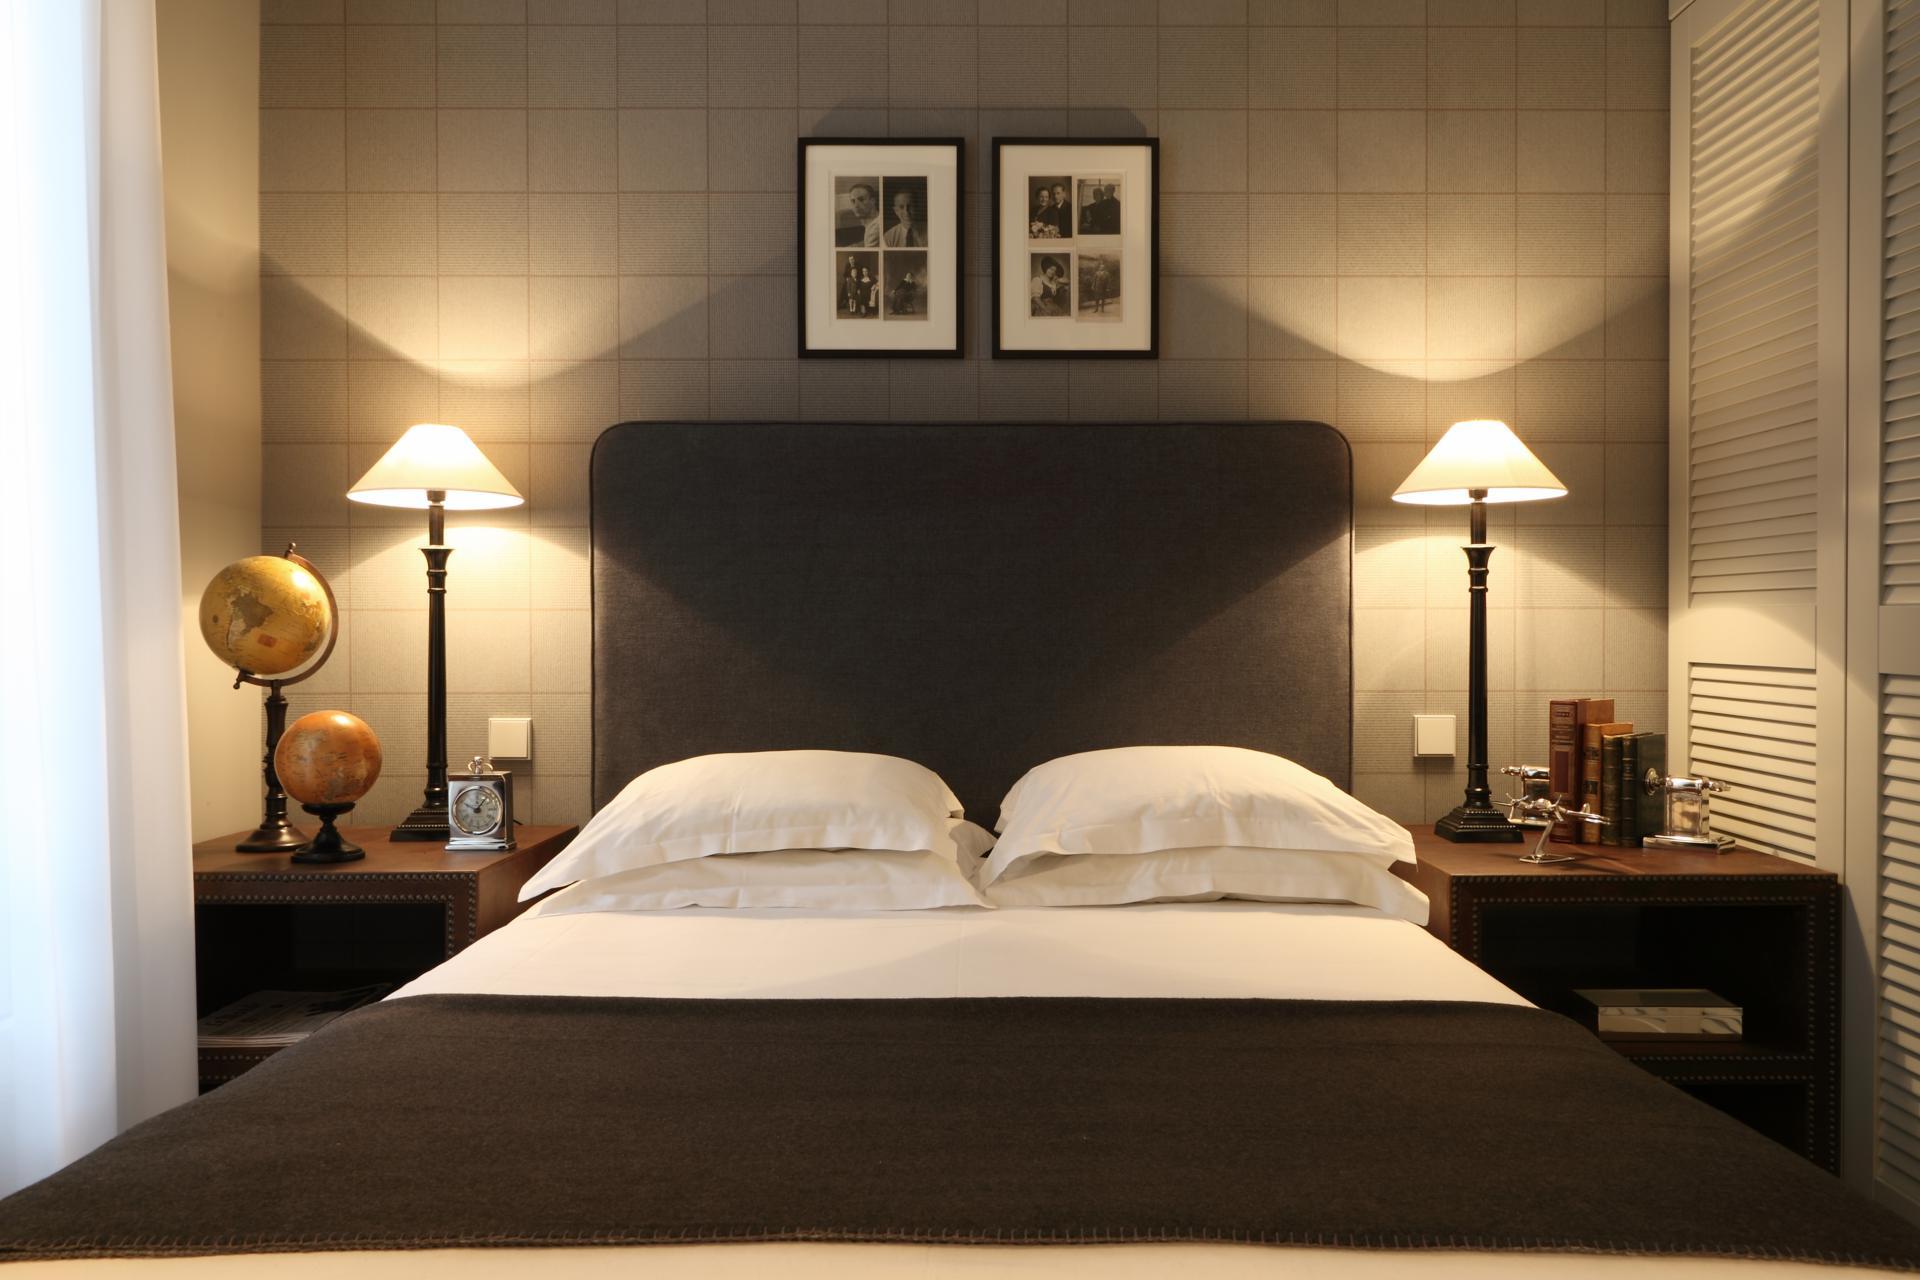 Luxury Hotels In Paris For Maison et Objet 2017  maison et objet 2017 6 Luxury Hotels In Paris For Maison et Objet 2017 Luxury Hotels In Paris For Maison et Objet 2017 3